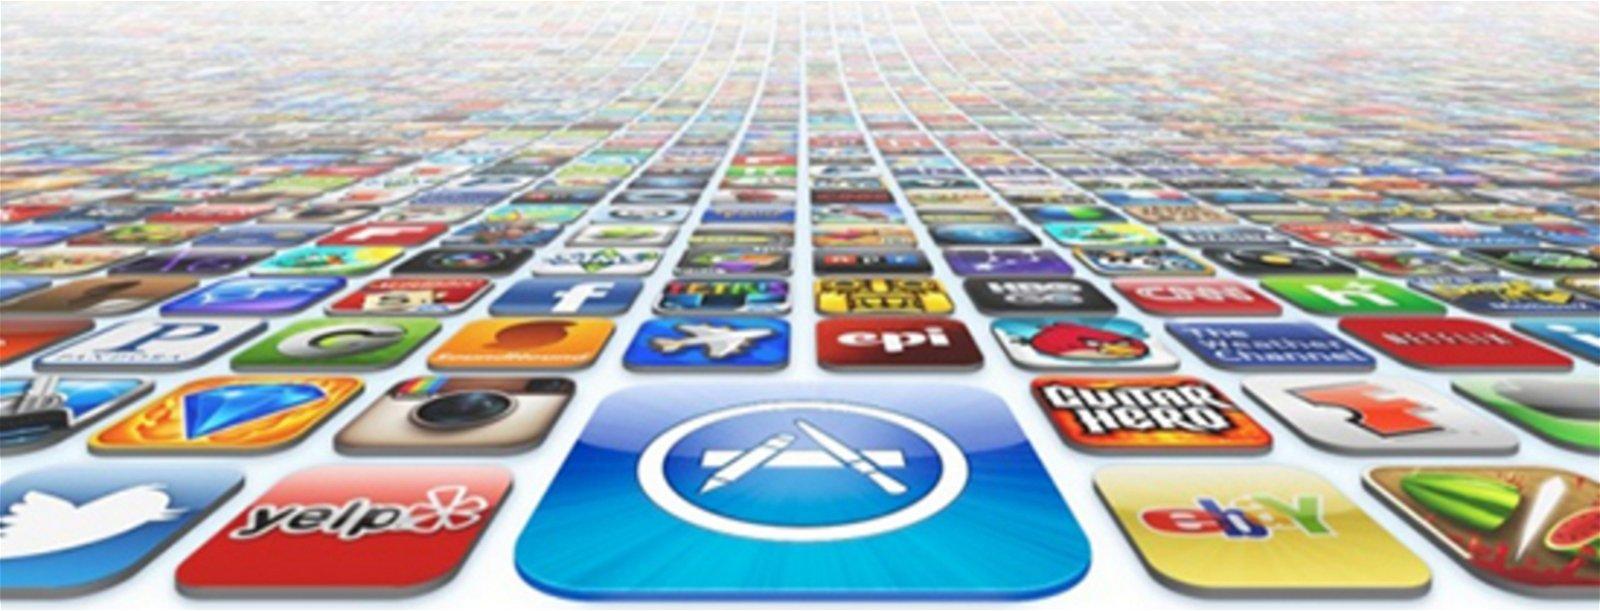 15-apps-imprescindibles-ipad-1